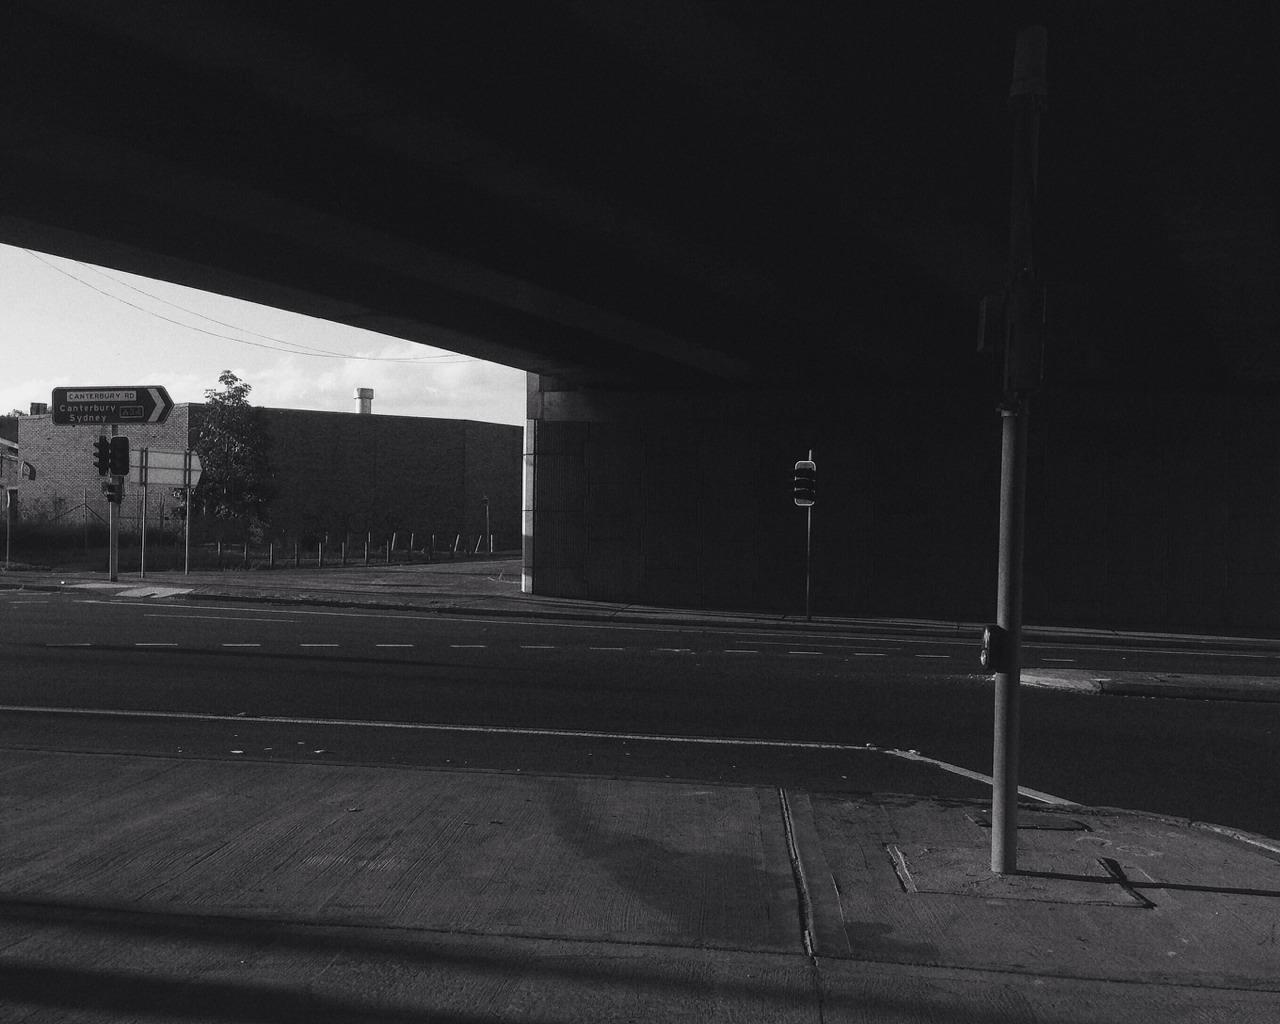 Suburbia - Bankstown